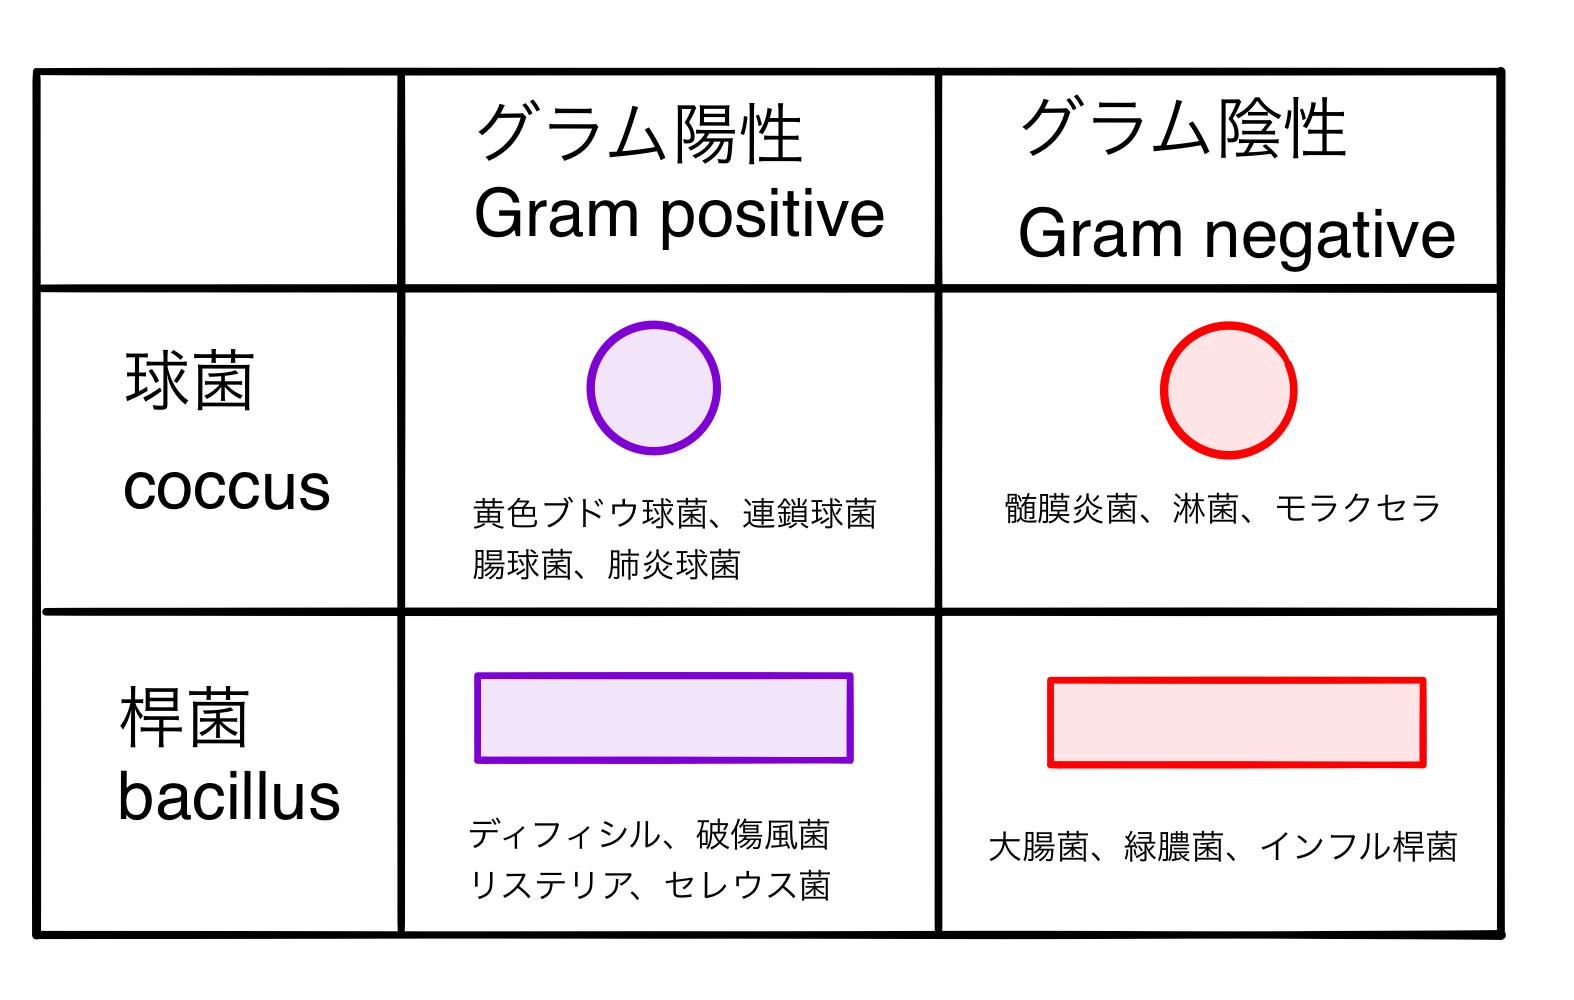 菌 ゴロ 陽性 グラム